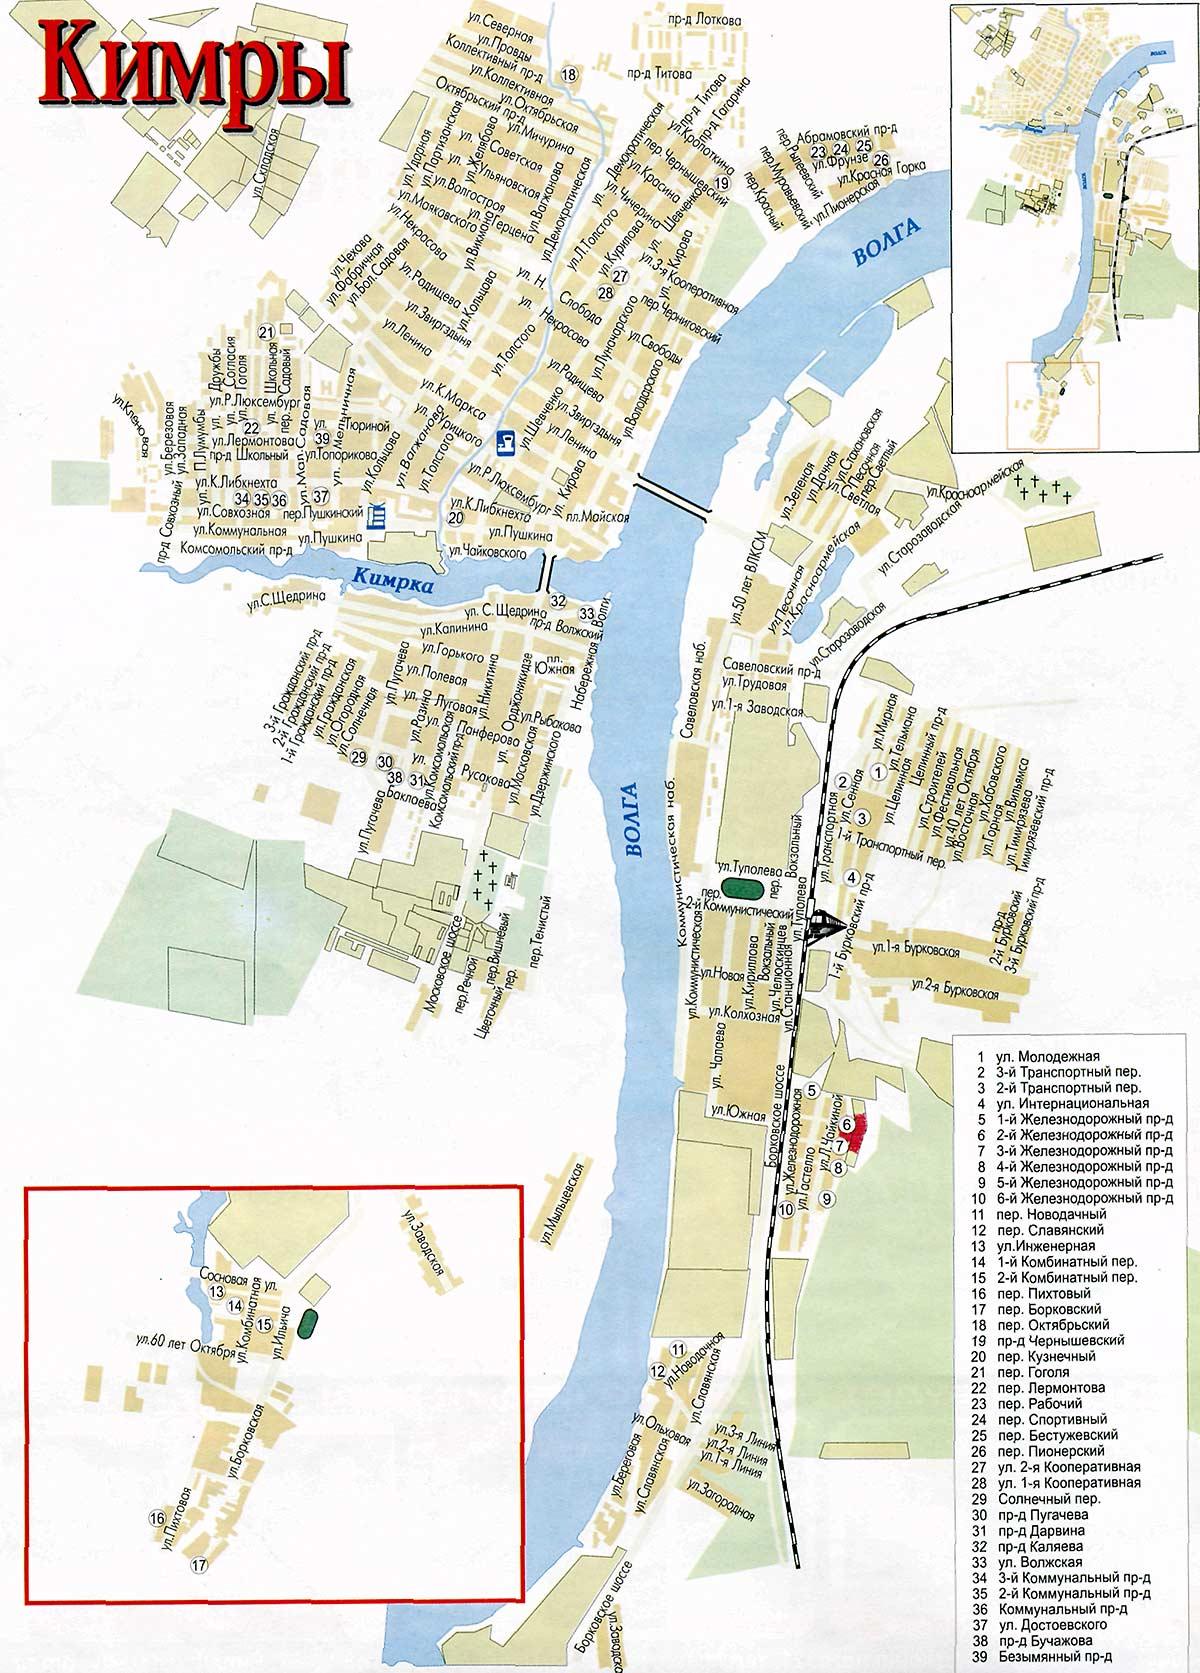 Карта города кимры с улицами